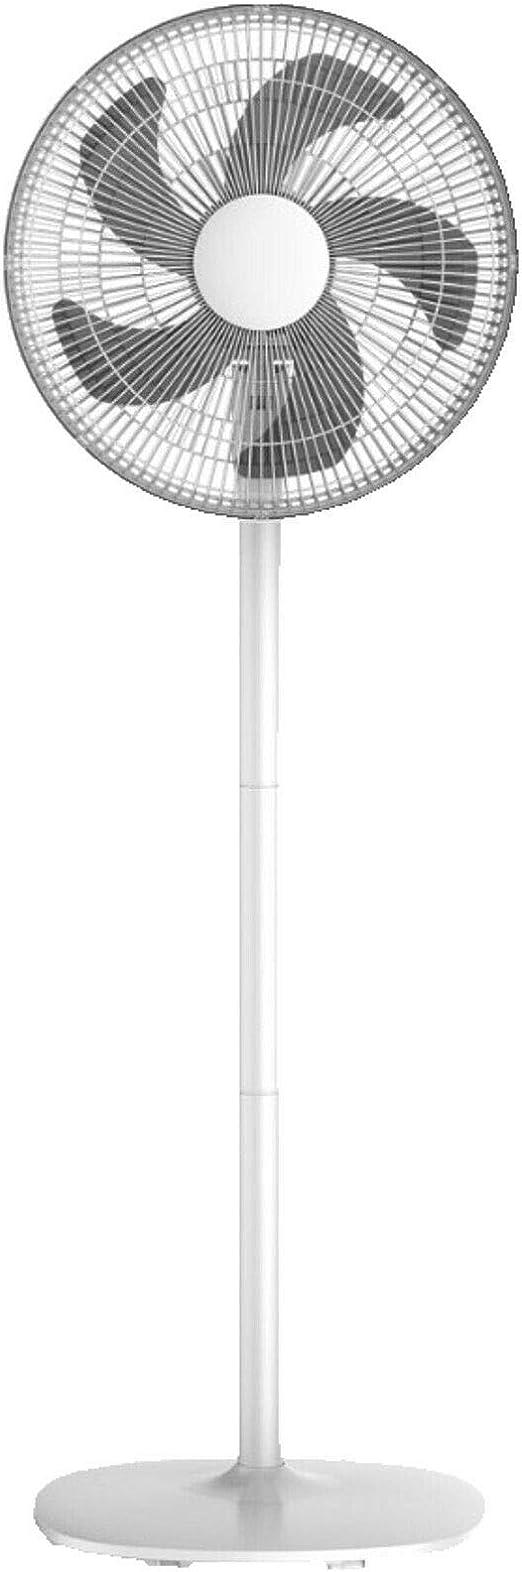 Emerio FN - Ventilador de Pie 35 cm, 45 W, 3 Velocidades, Blanco ...